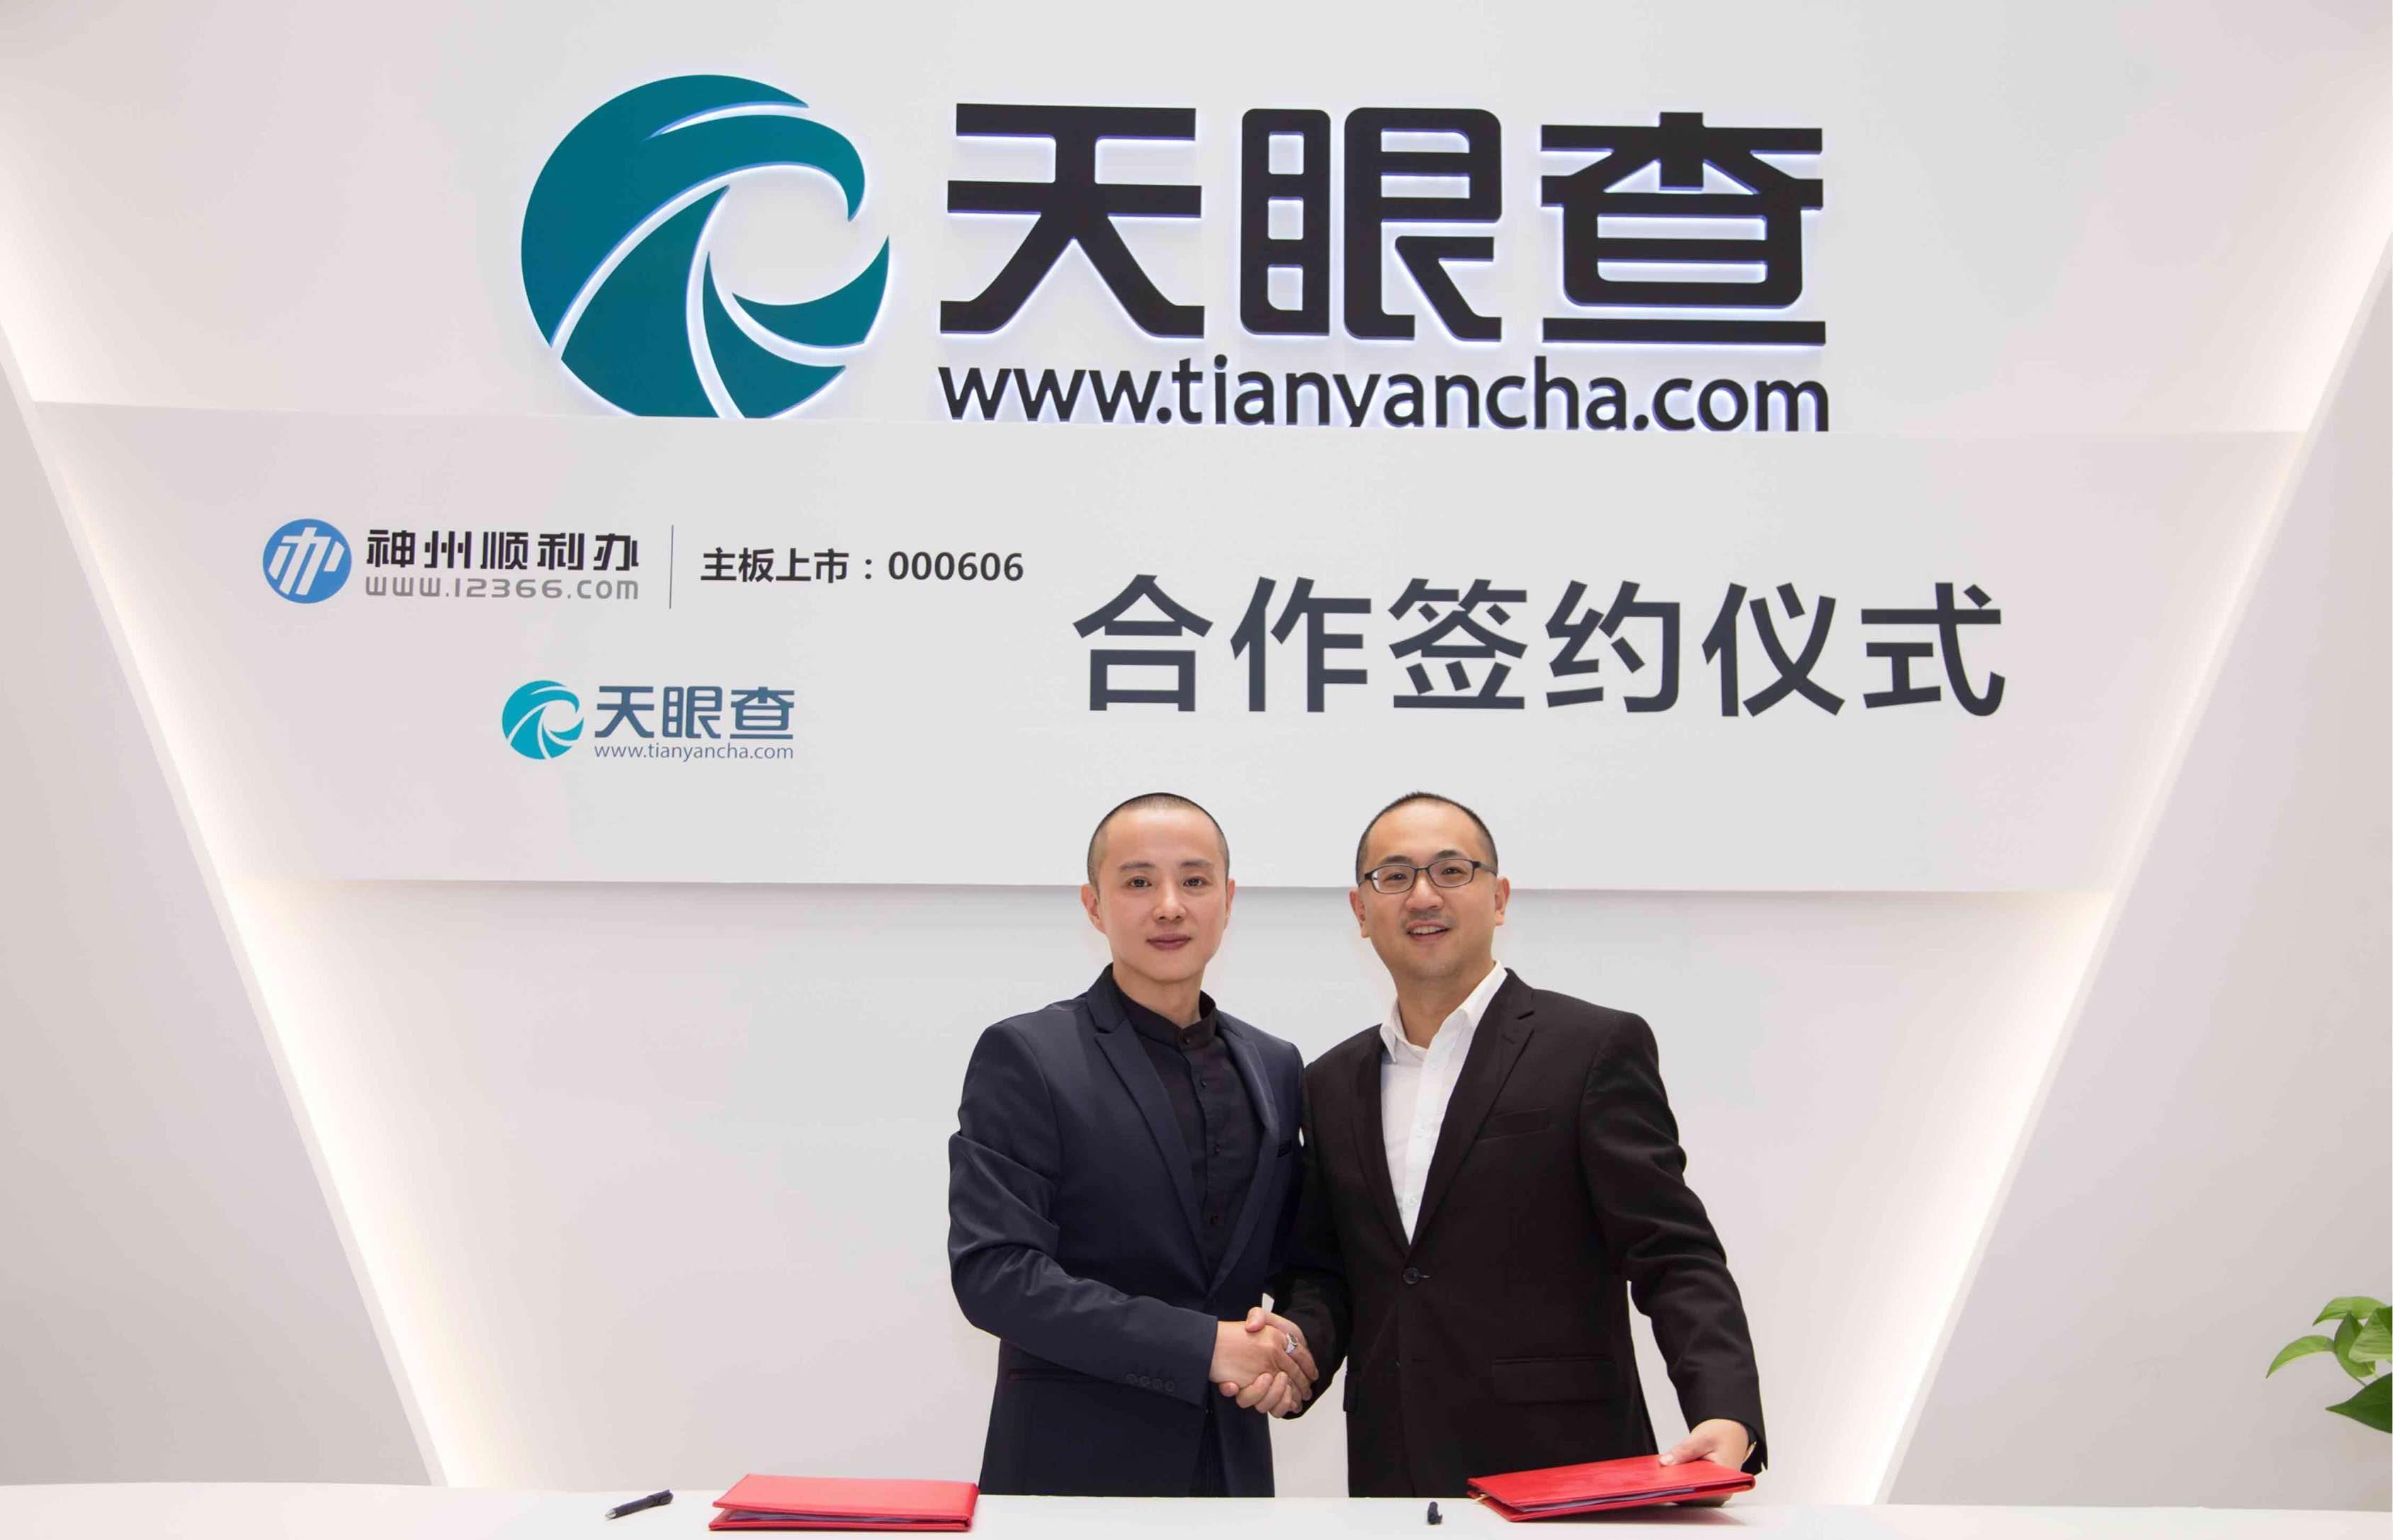 天眼查和神州顺利办达成战略合作,共同帮助亿万中国企业成长